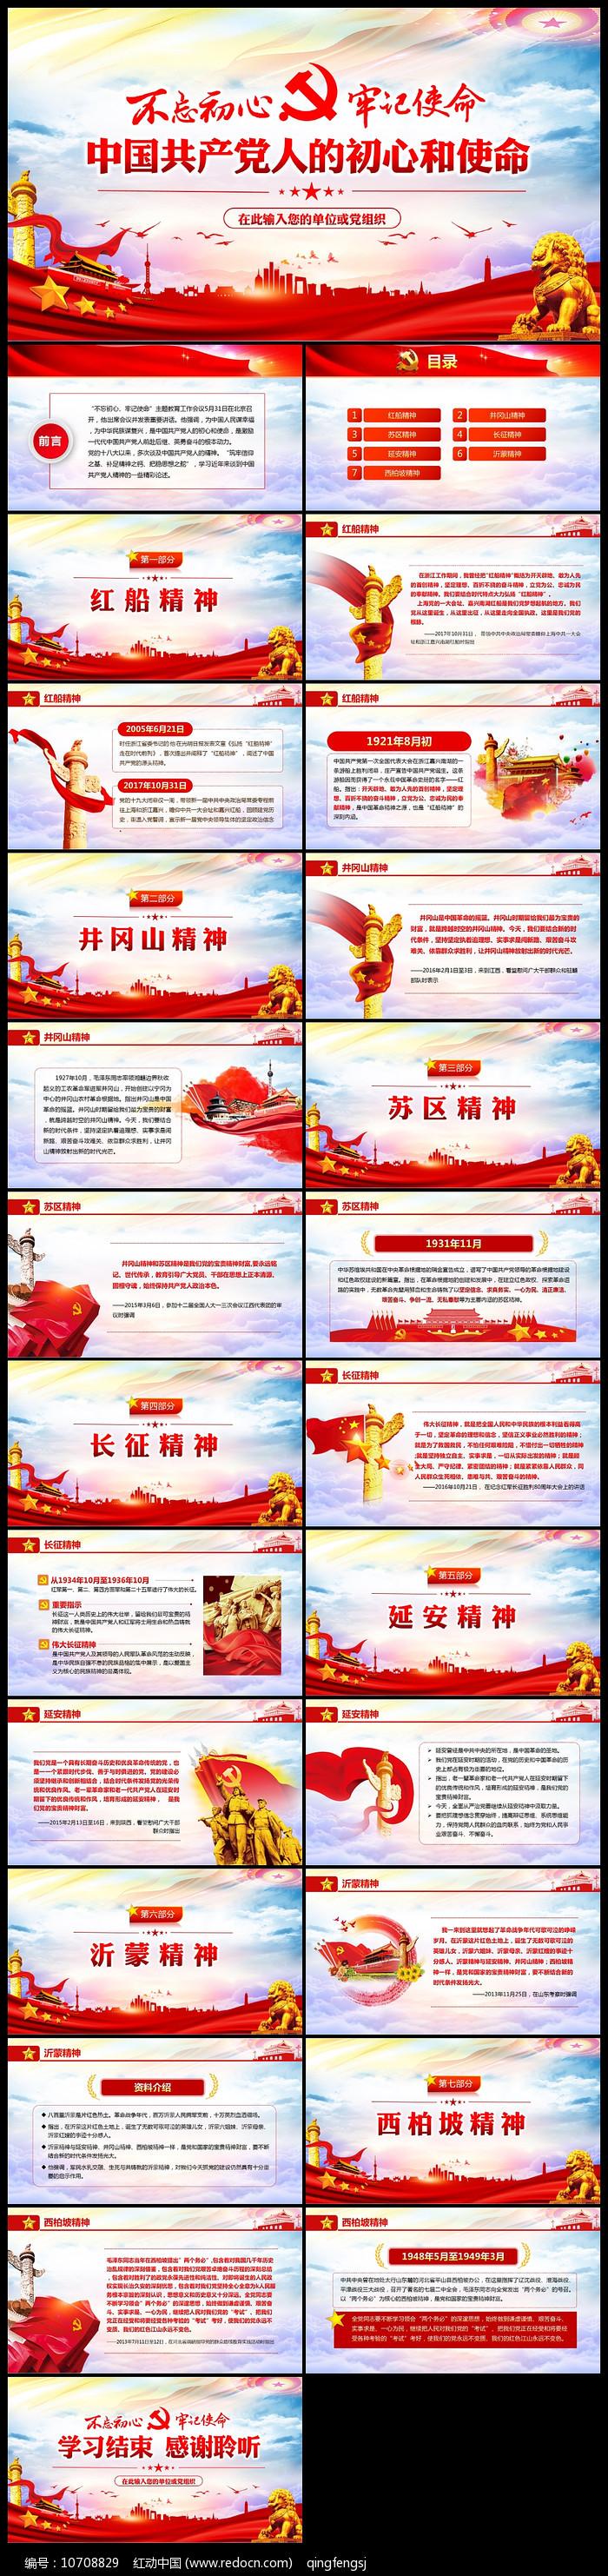 前进的力量中国共产党人的初心和使命PPT图片